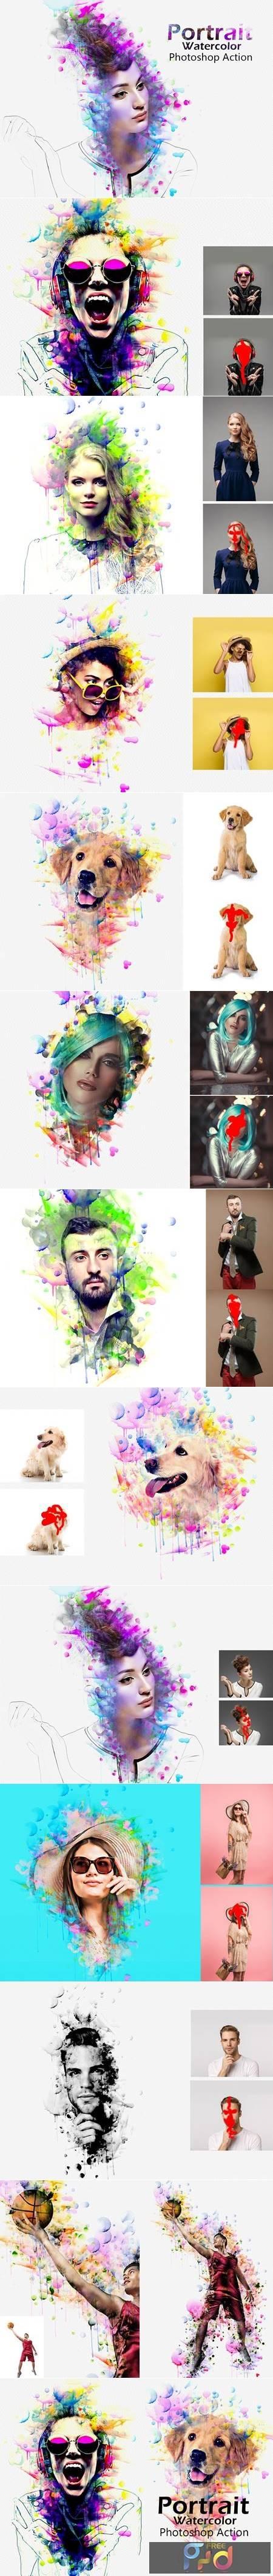 Portrait Watercolor Photoshop Action 5204400 1